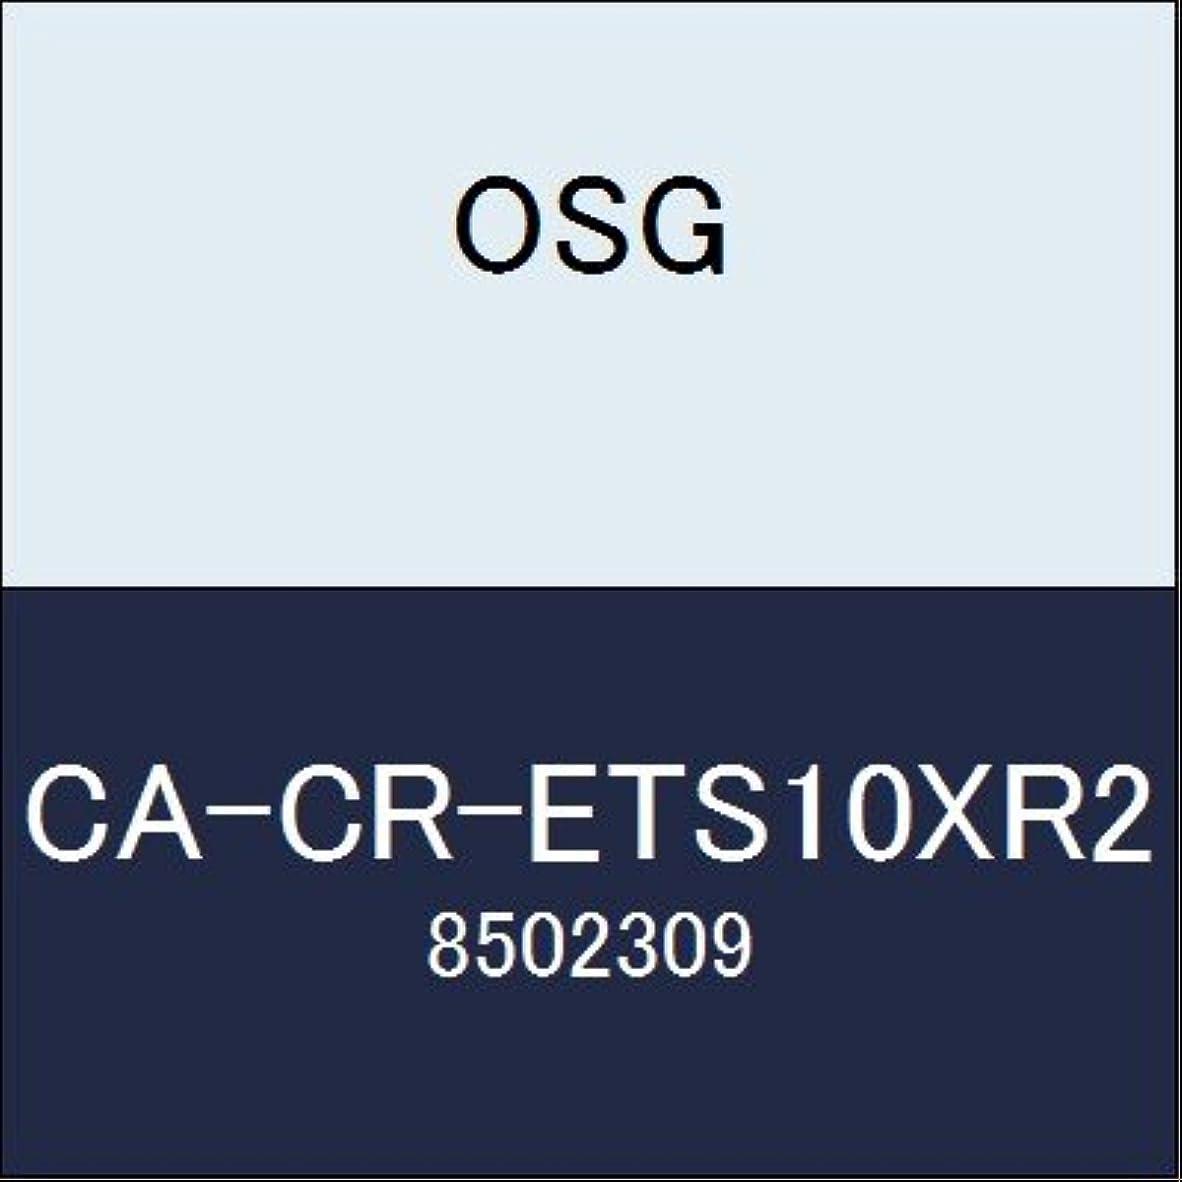 追加する保持する修復OSG エンドミル CA-CR-ETS10XR2 商品番号 8502309